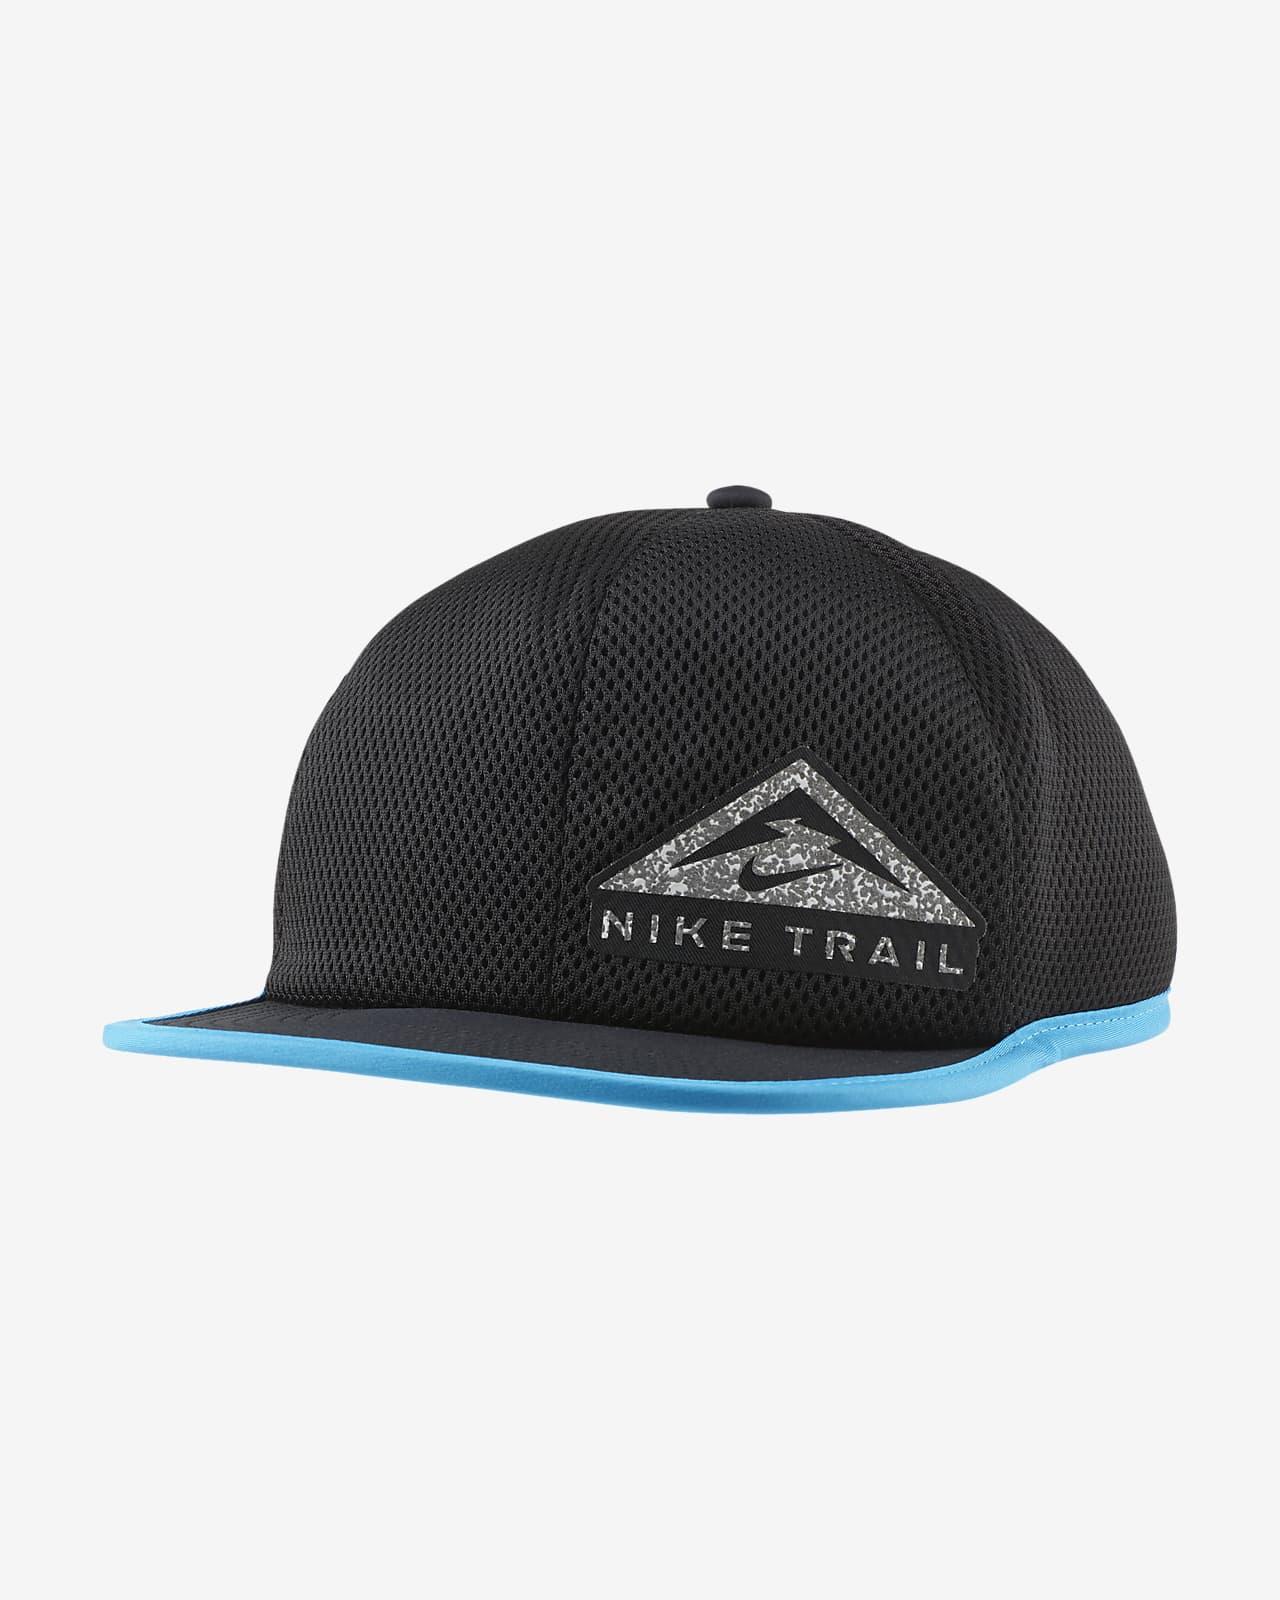 Καπέλο jockey για τρέξιμο σε ανώμαλο δρόμο Nike Dri-FIT Pro